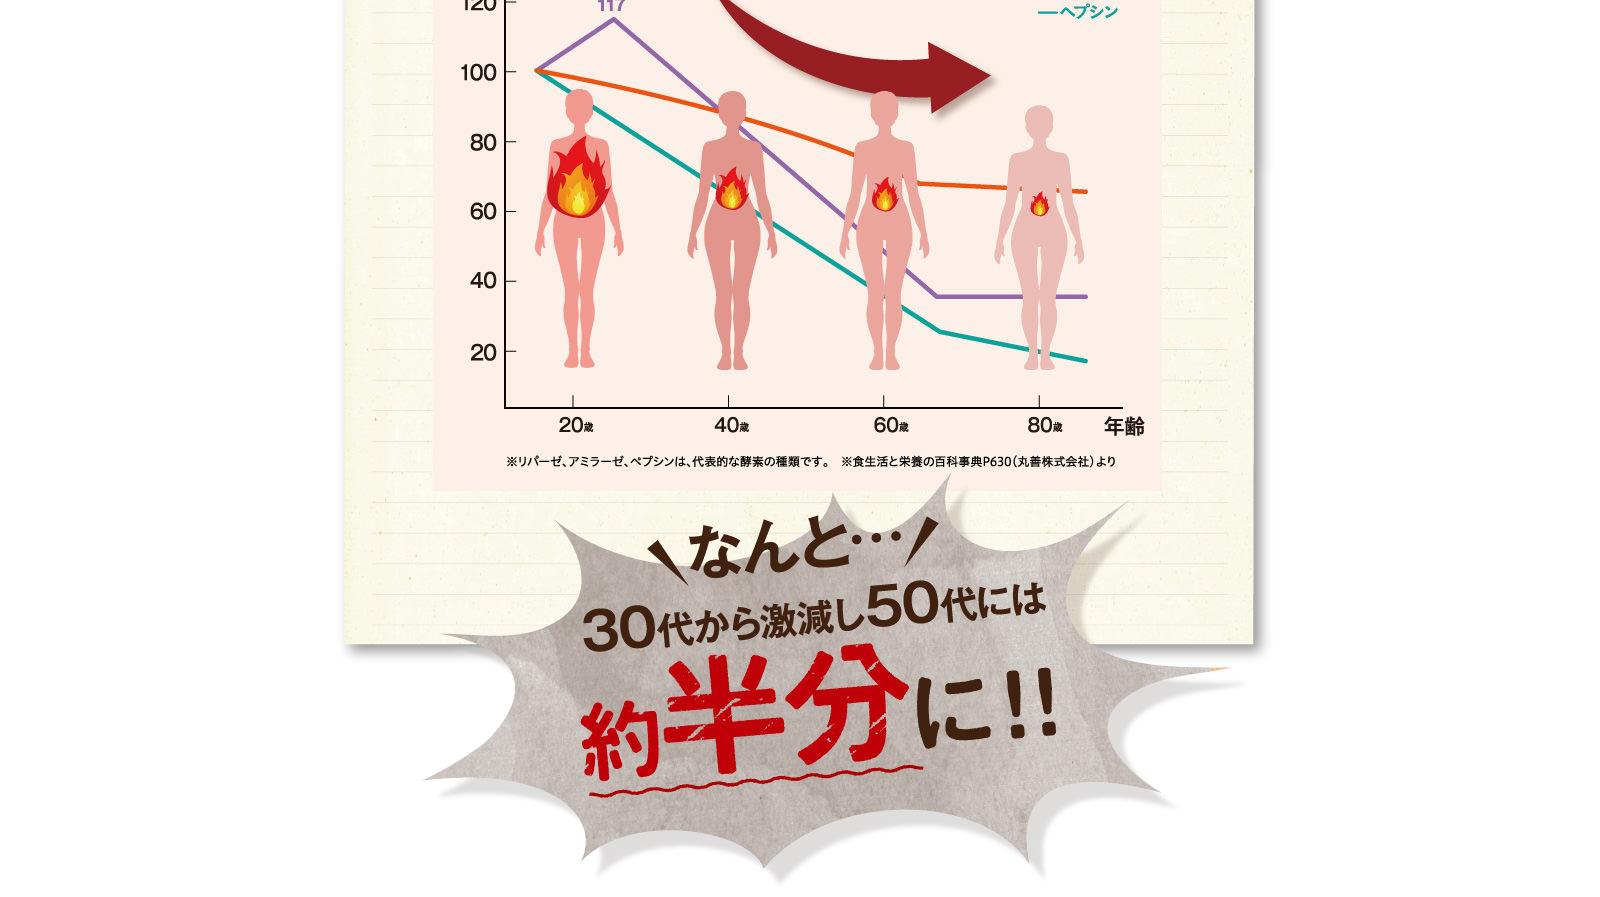 年齢とともに減少する酵素のグラフ